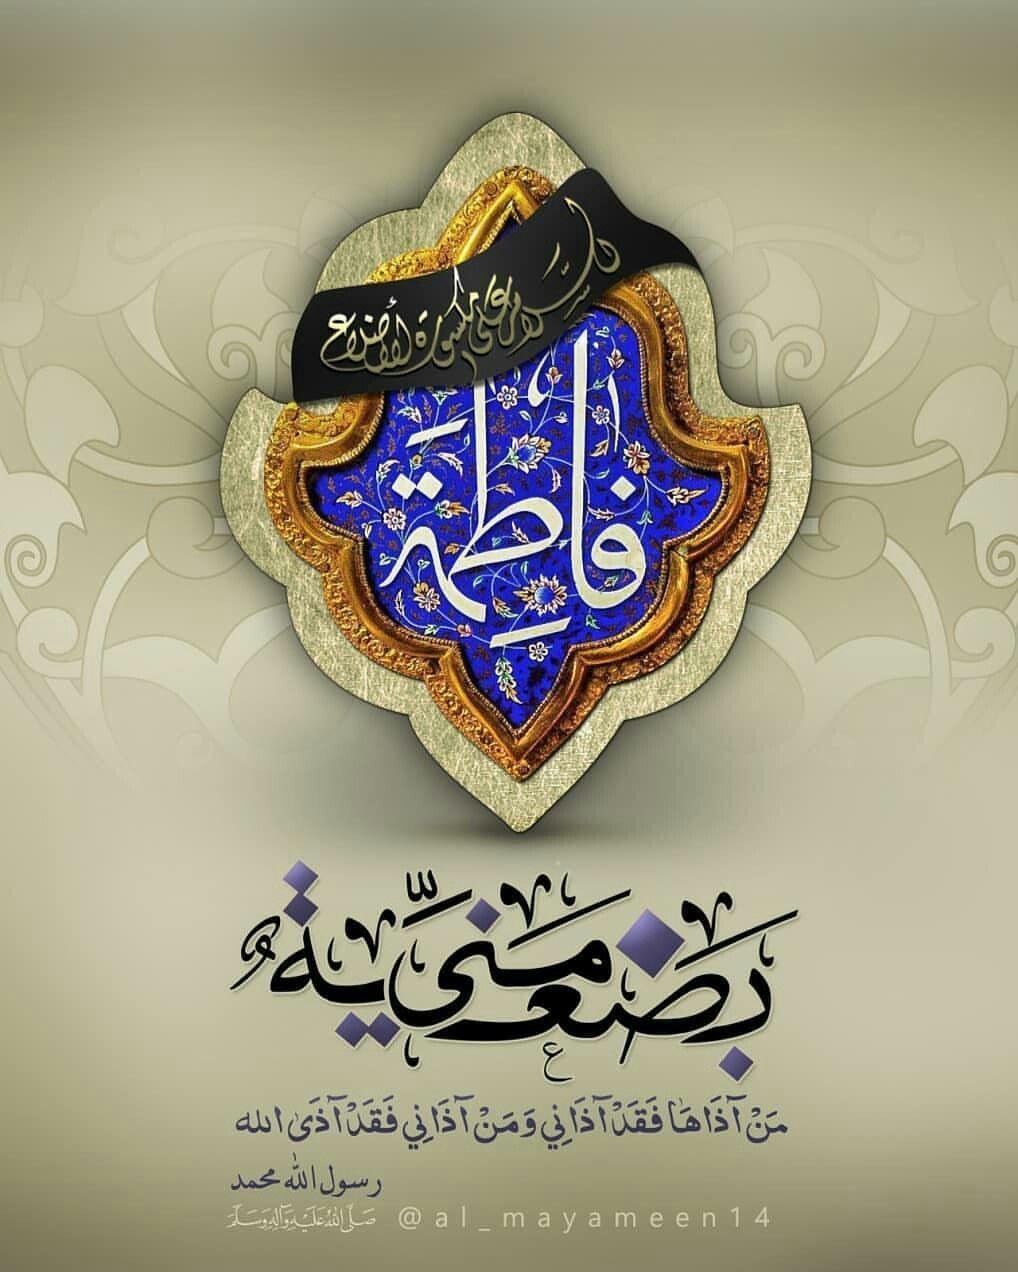 یا بنت رسول الله صلی الله علیه و آله و سلم Islamic Art Islamic Patterns Islamic Calligraphy